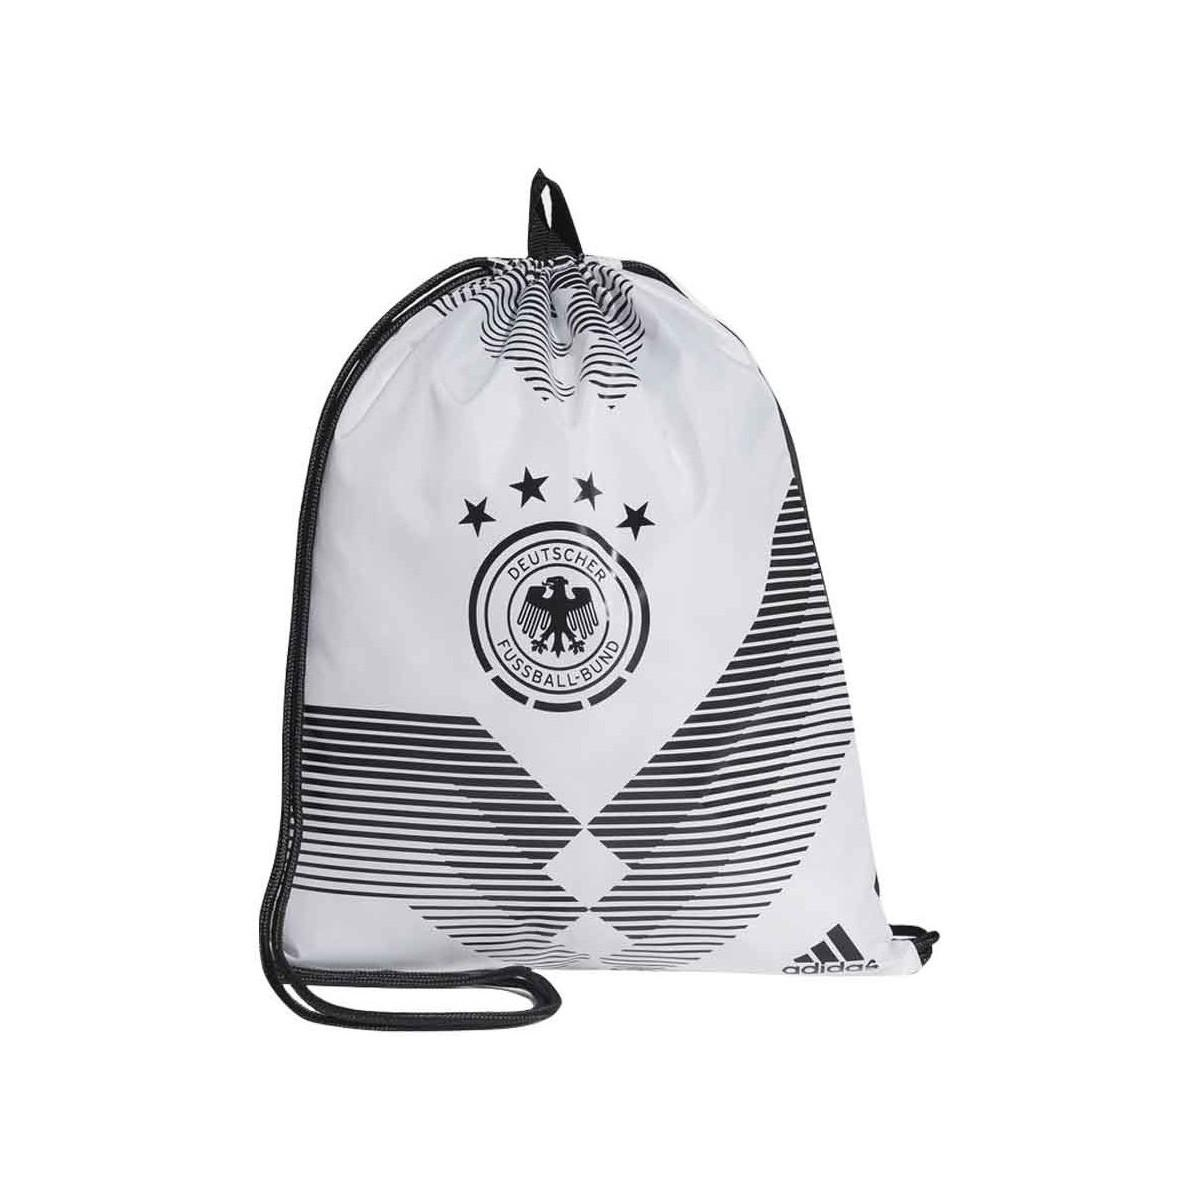 adidas 20182019 Argentina Gym Bag White wfE7HURMR - biomol-ngs.com 73d30b835f2